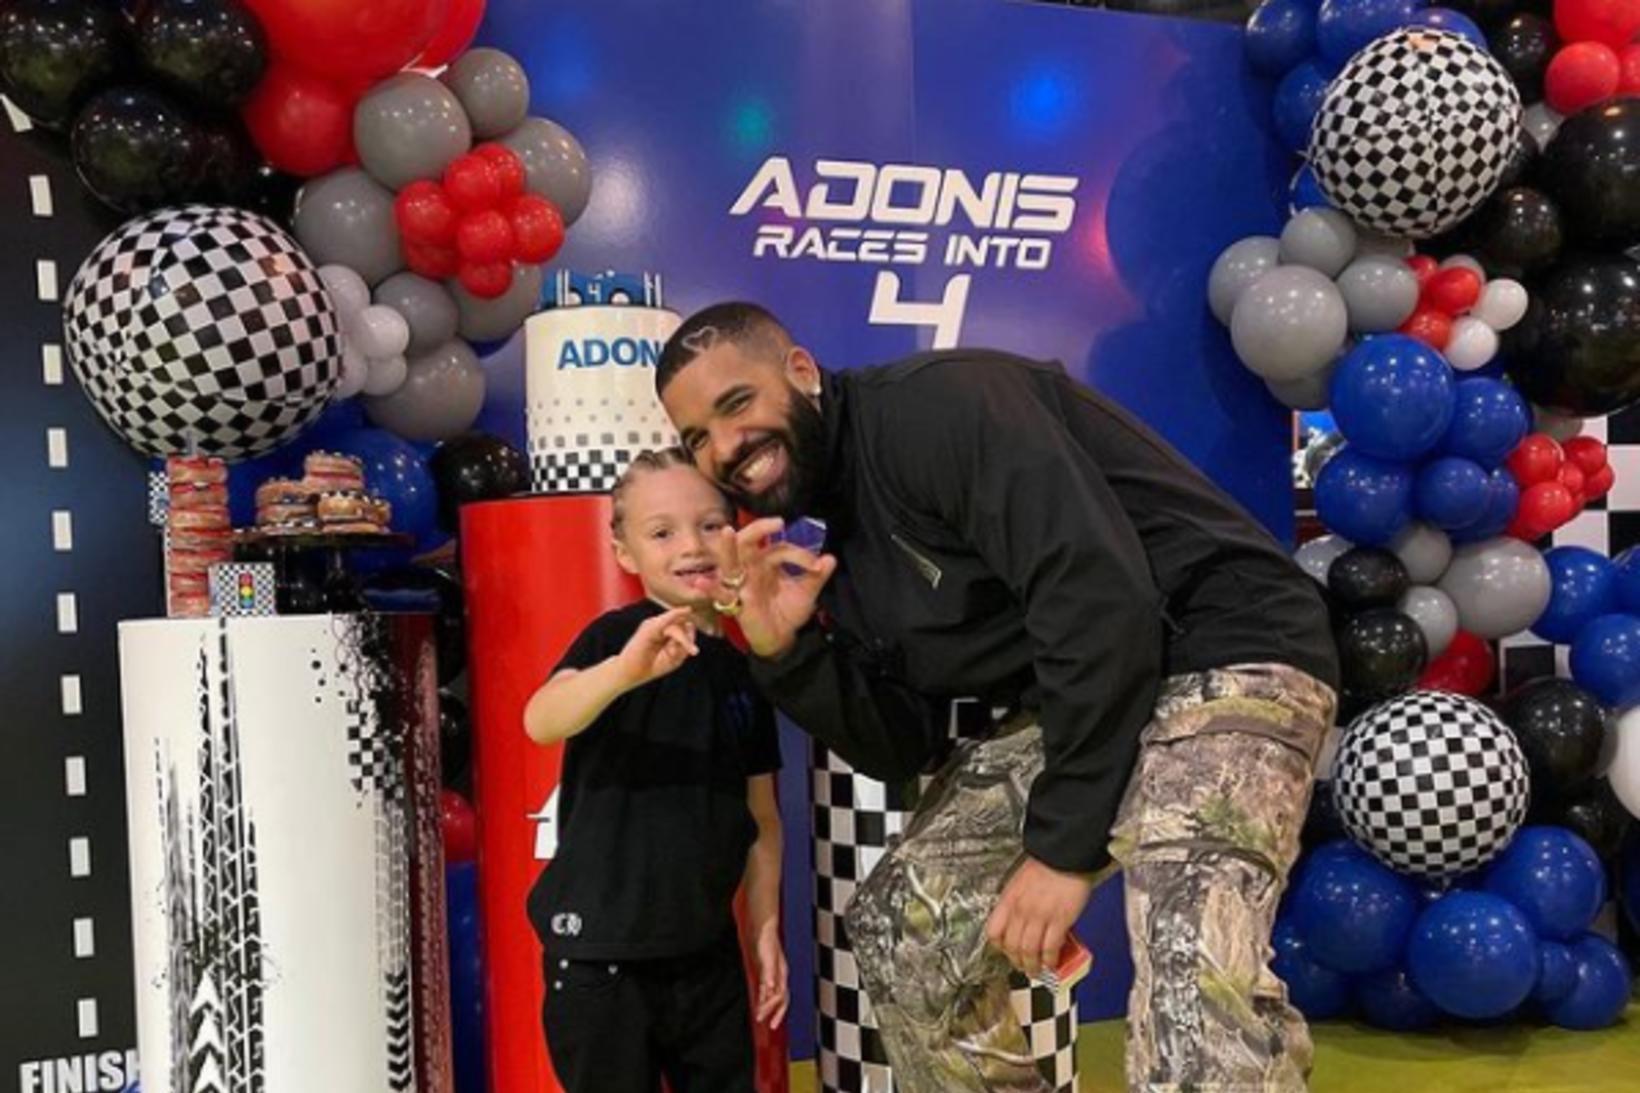 Drake með stoltinu sínu. ,,Adonis keyrir inn í fjórða árið,